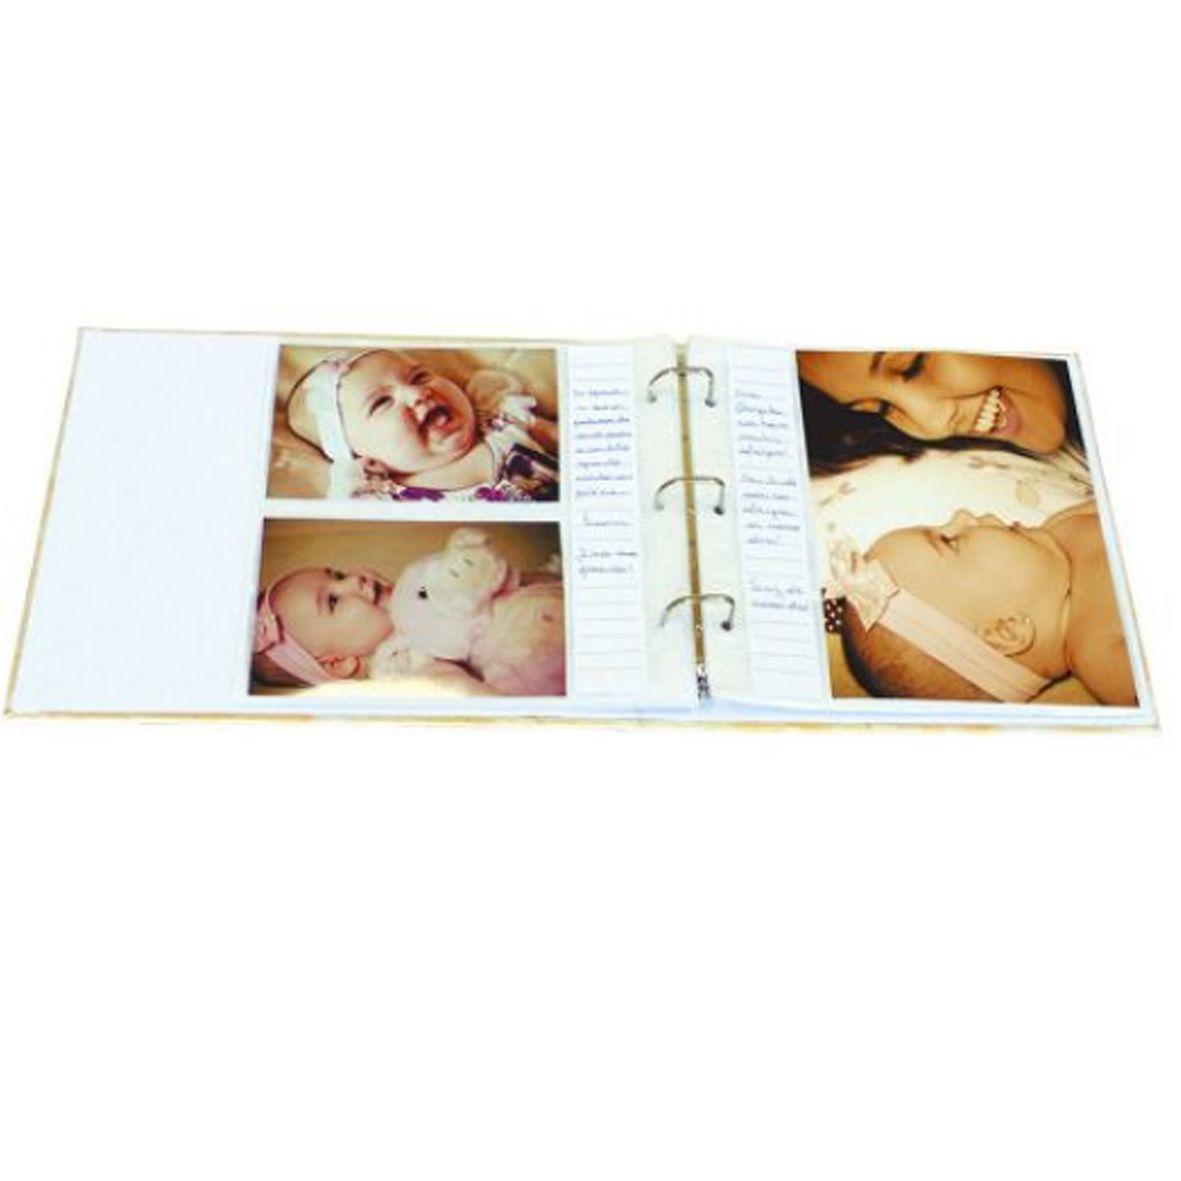 Álbum do bebe 120 fotos 10x15 Ical 48